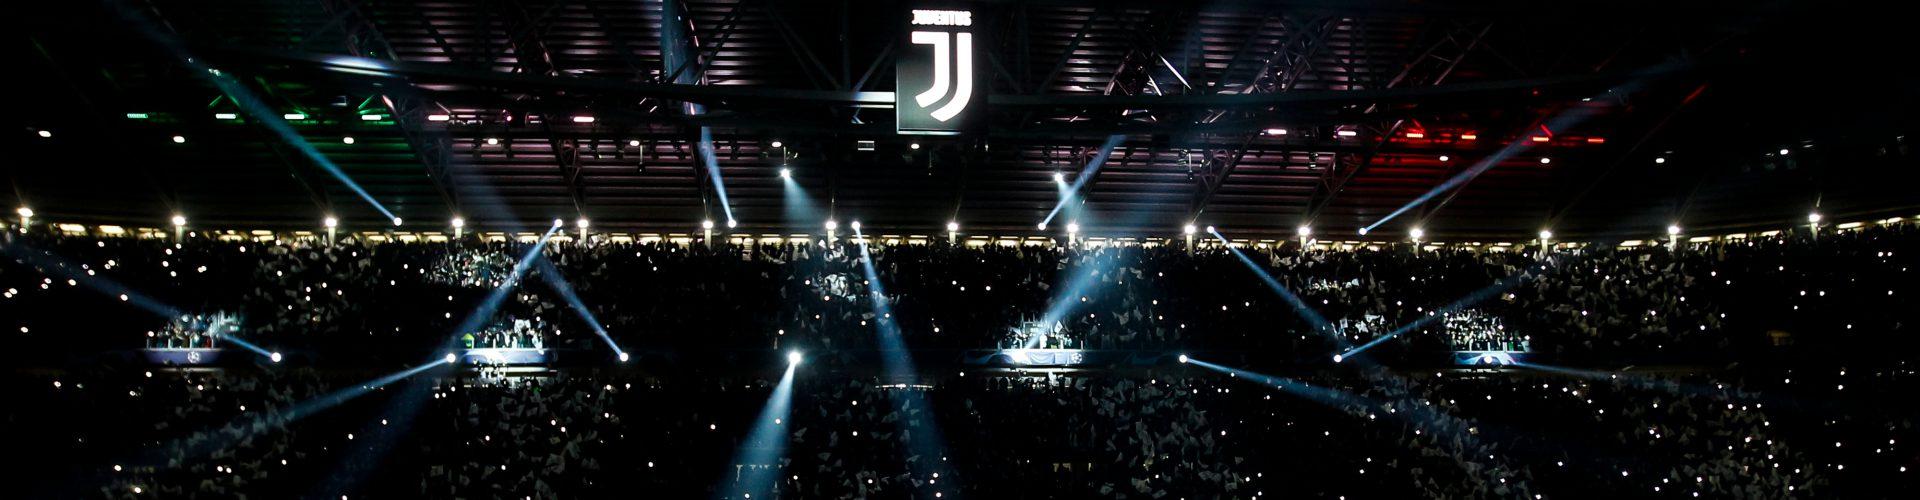 Juventus, le informazioni sui rimborsi per la gara con l'Inter